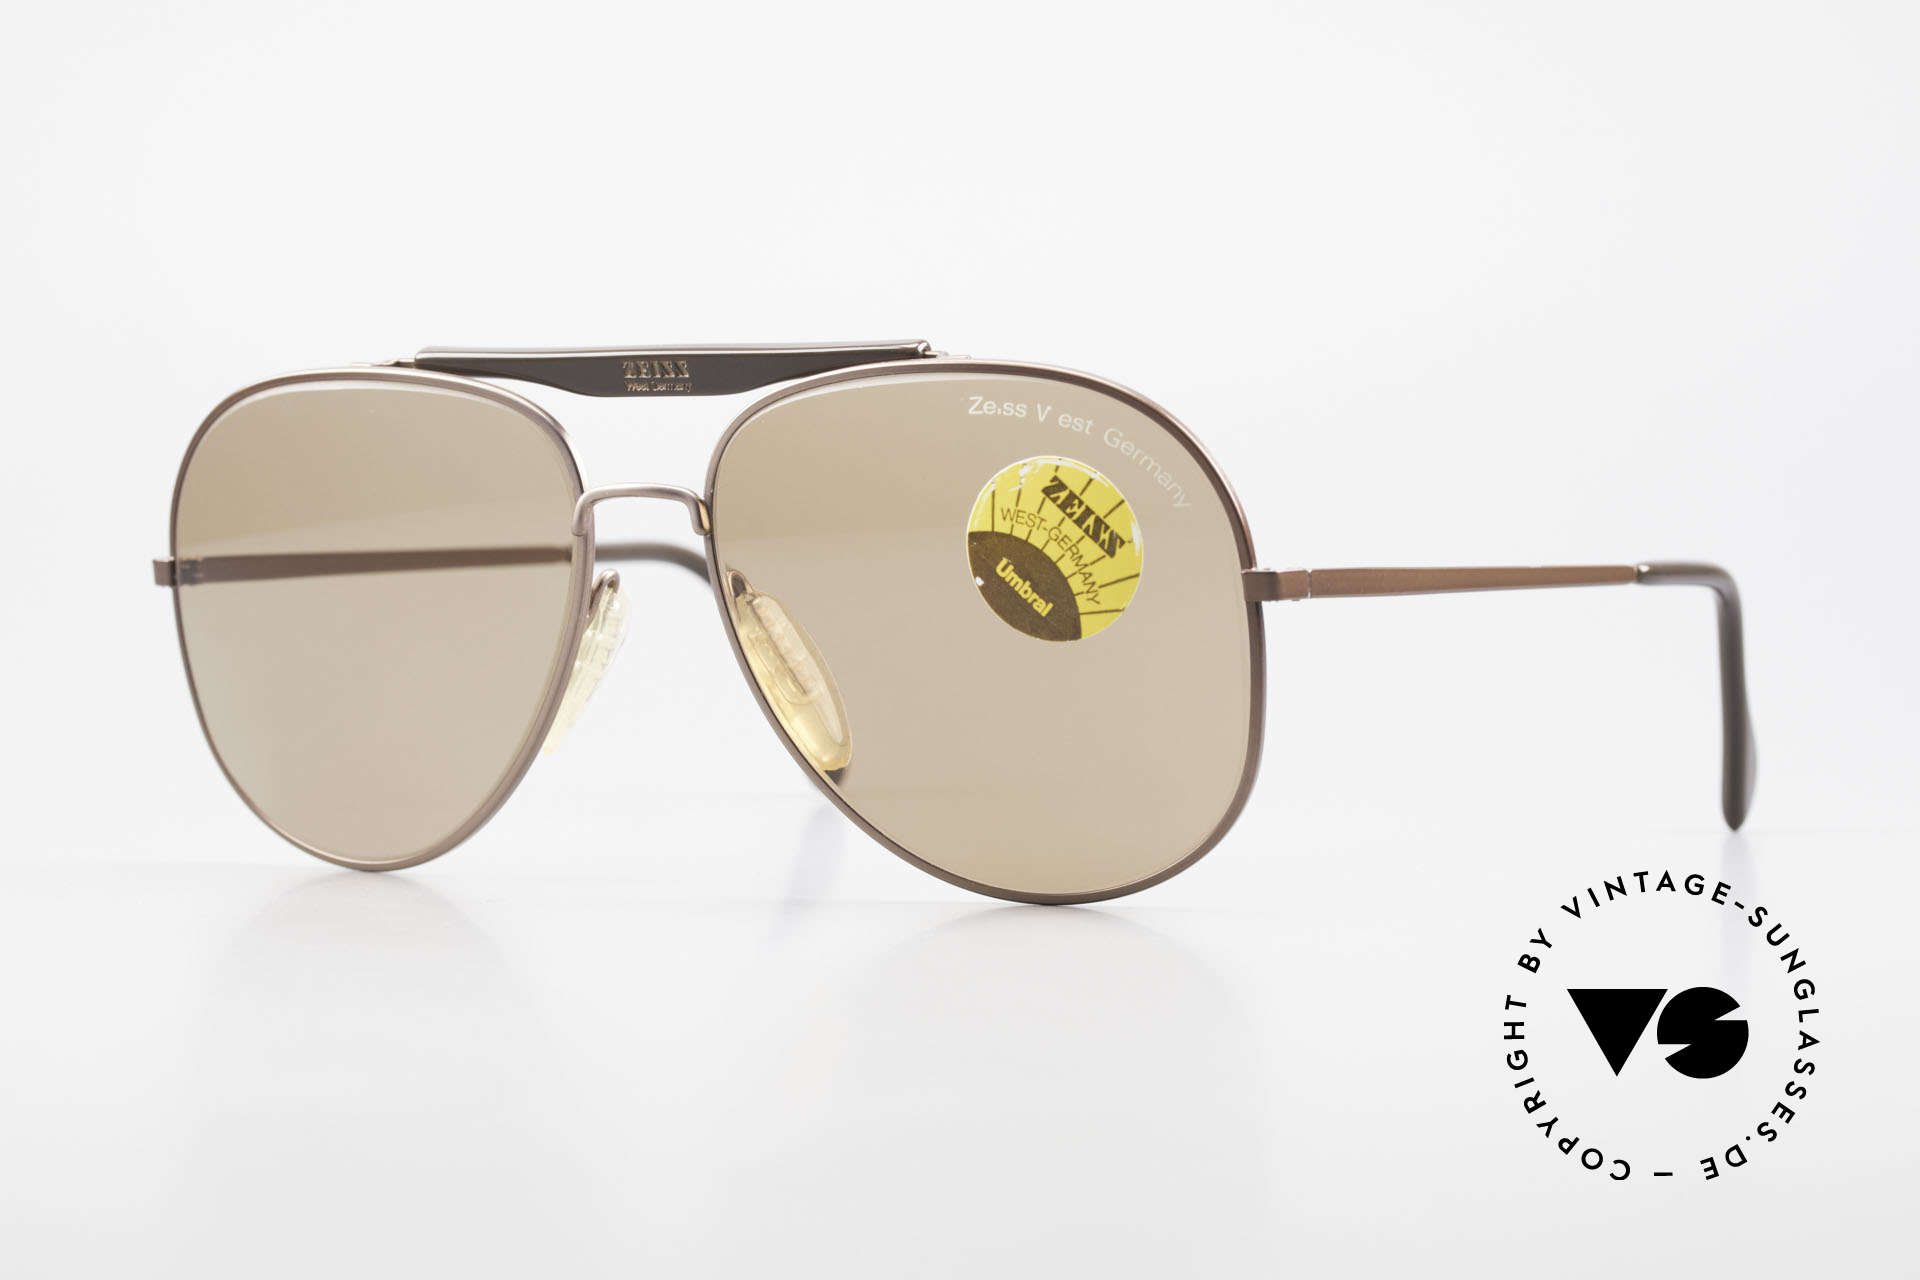 Zeiss 9337 Zurück in die Zukunft Brille, Zeiss Sonnenbrille Modell 9337 aus dem Jahre 1983, Passend für Herren